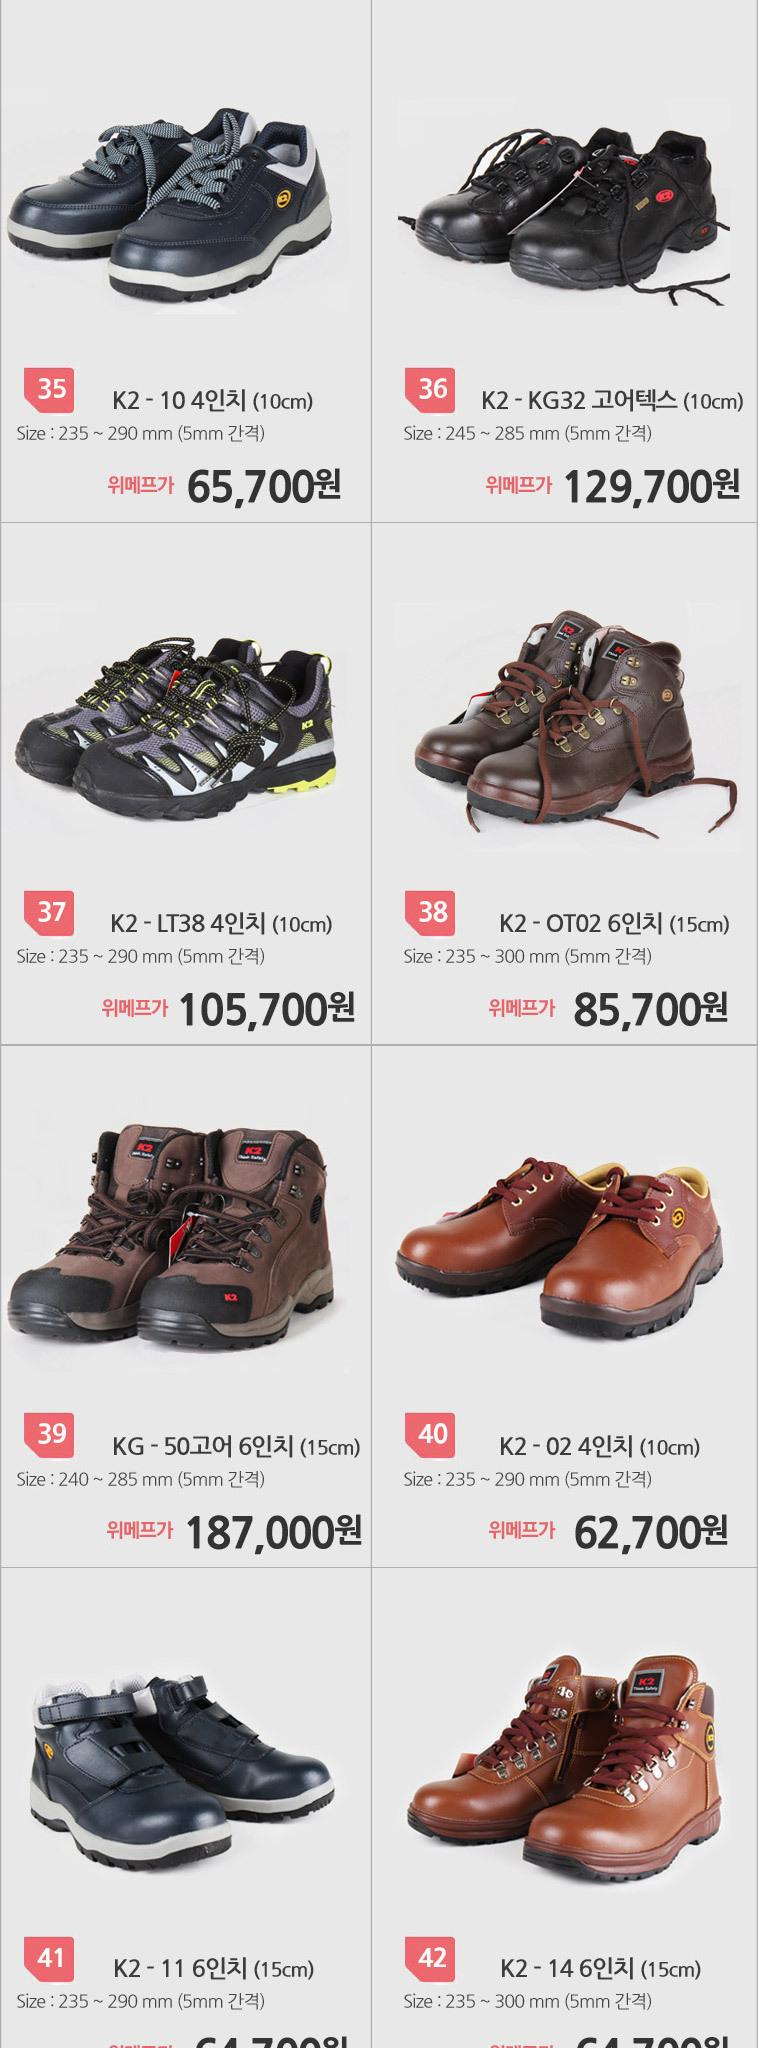 K2 코오롱 안전화 작업화 51종 - 상세정보